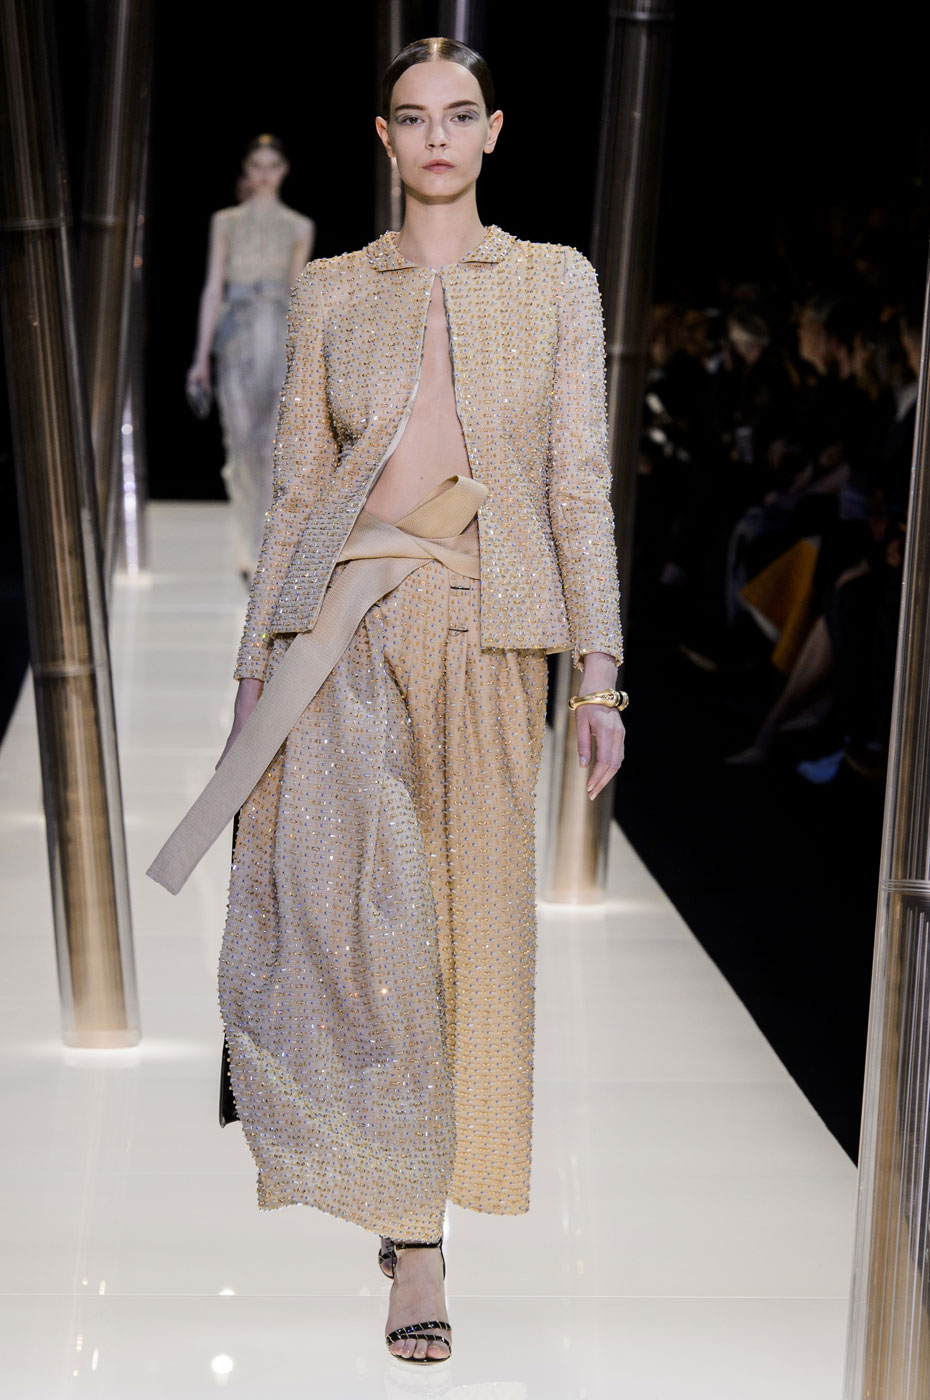 Giorgio-armani-Prive-fashion-runway-show-haute-couture-paris-spring-2015-the-impression-083